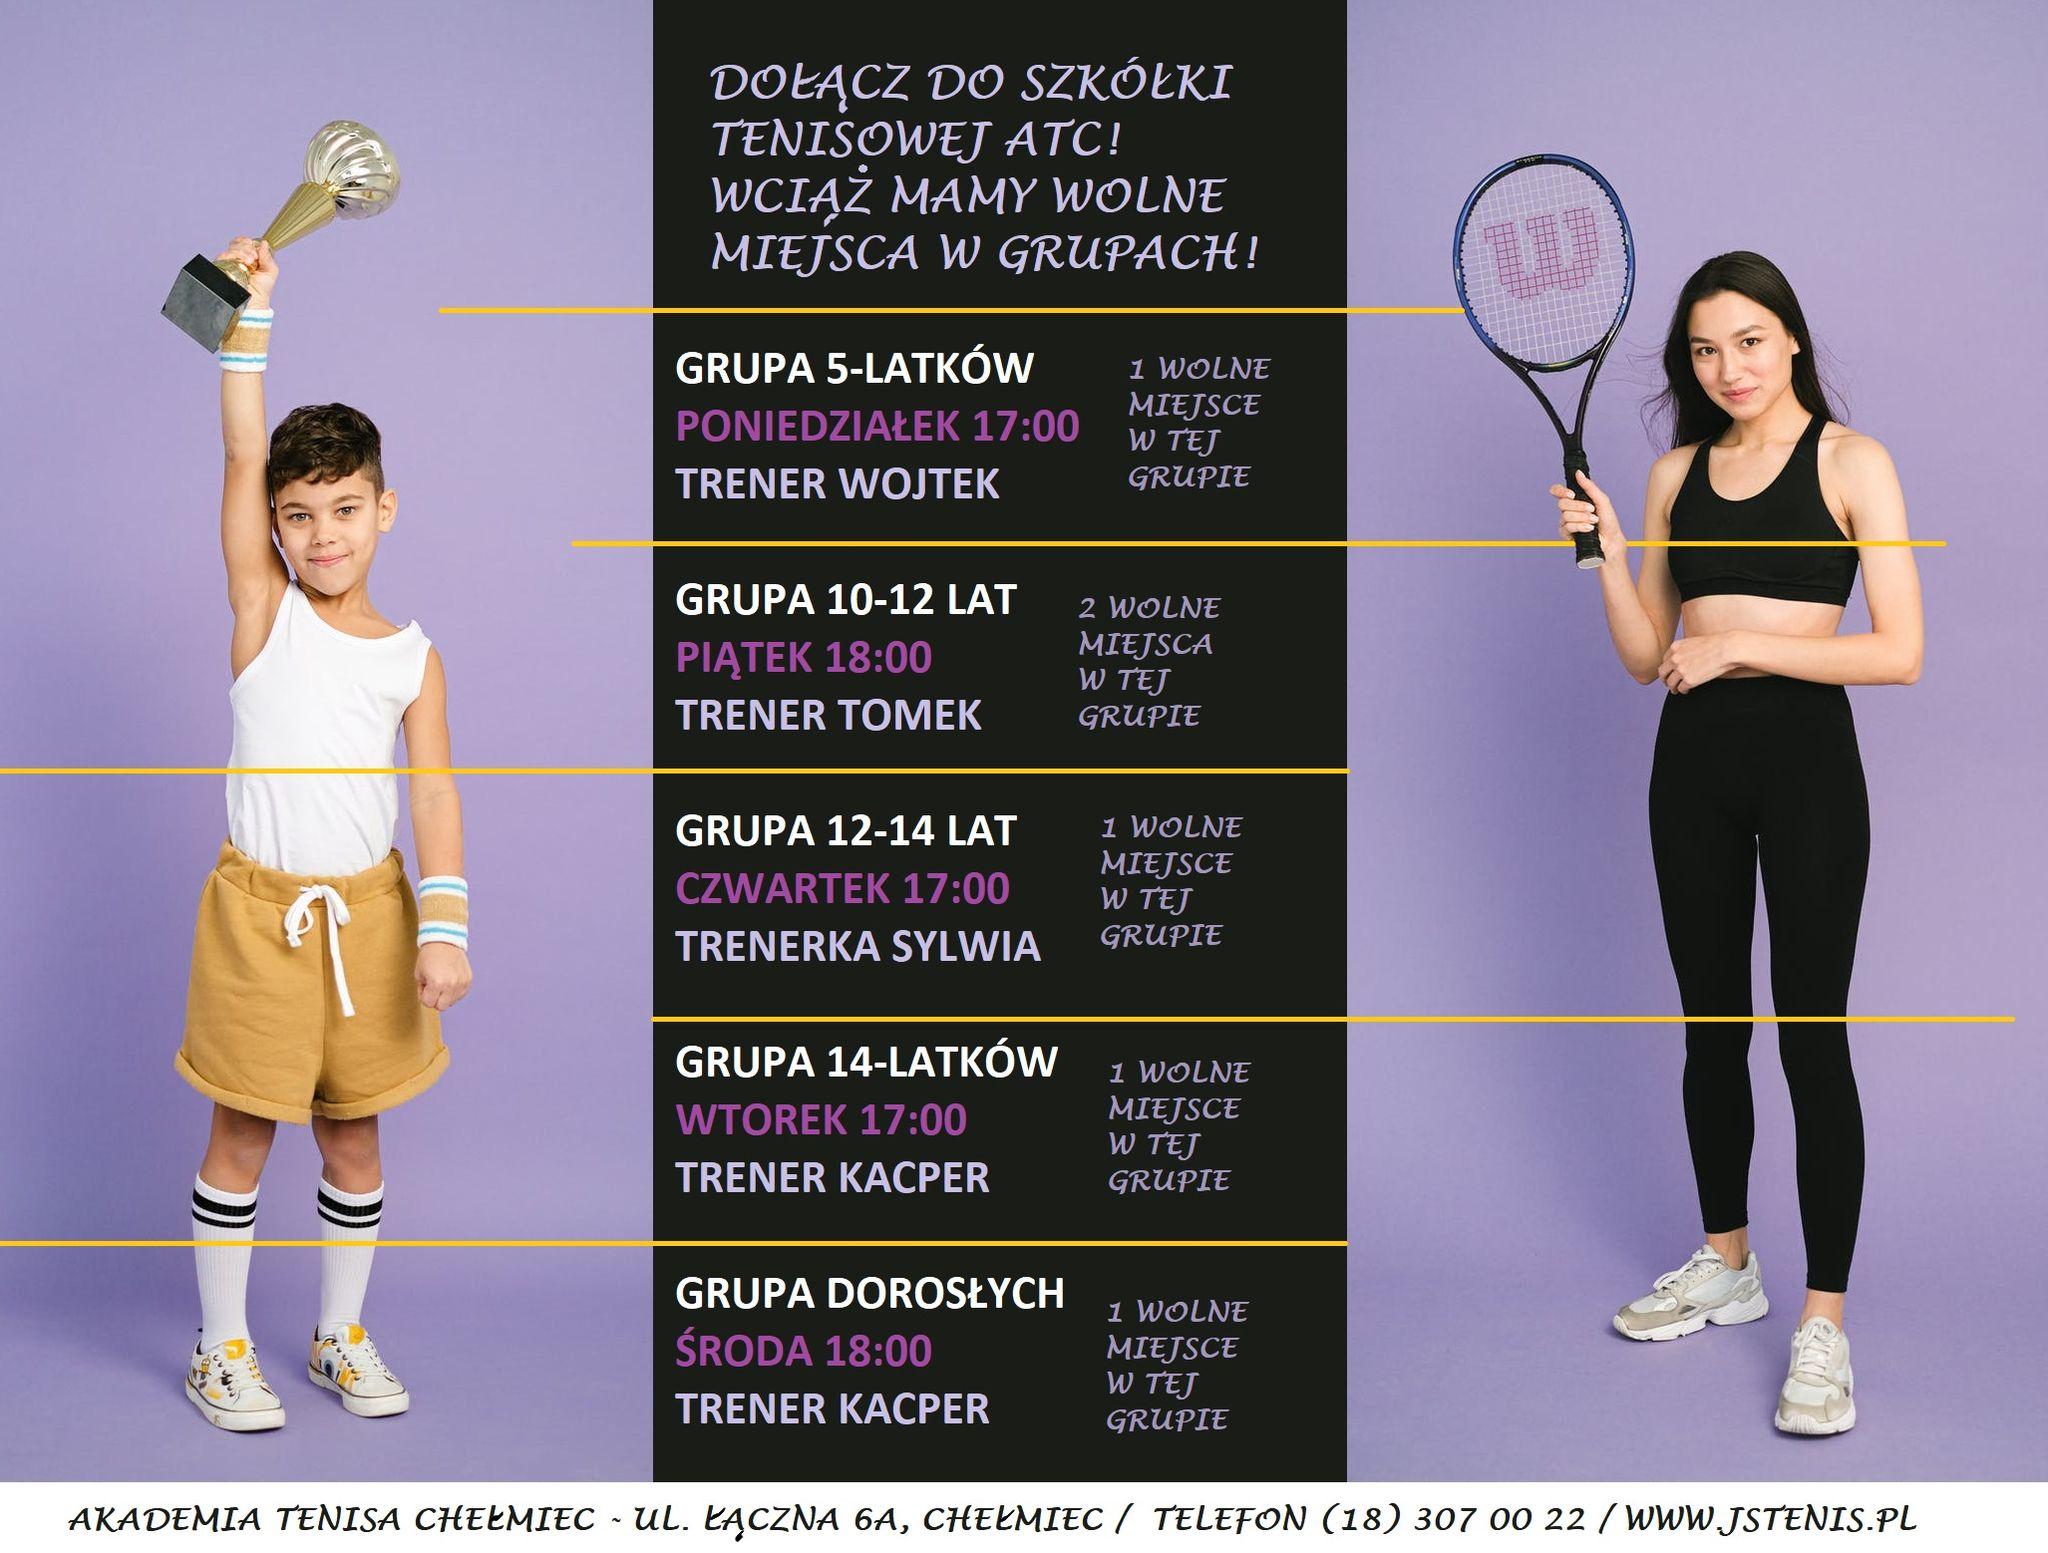 Tenis ziemny Nowy Sącz, Akademia Tenisa Chełmiec - Janusz Stanek, tenis ziemny, korty tenisowe, tenis Nowy Sącz